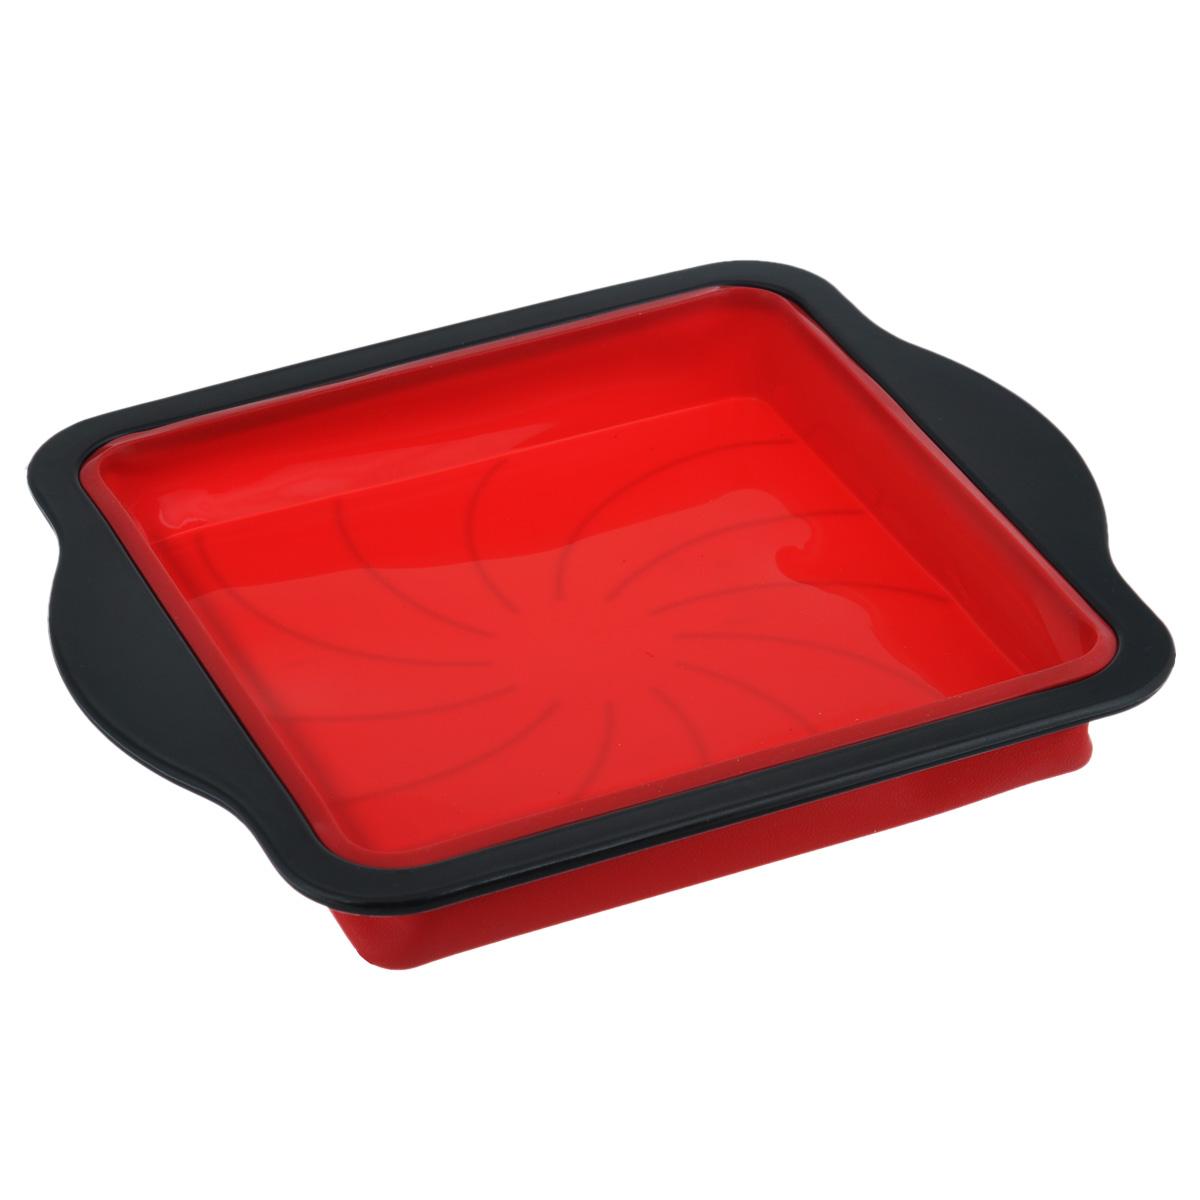 Форма для пирога Mayer & Boch, квадратная, цвет: черный, красный, 32,5 см х 28 см4125Форма для пирога Mayer & Boch изготовлена из высококачественного пищевого силикона. Благодаря пластиковому ободу с удобными ручками изделие легко вынимать из духовки. Форма идеально подходит для приготовления пирогов и других блюд. Выдерживает температуру до +230°C. Форма для запекания Mayer & Boch подходит для приготовления блюд в духовке. Можно мыть в посудомоечной машине. Размер формы (с учетом ручек): 32,5 см х 28 см. Высота стенки: 4 см.